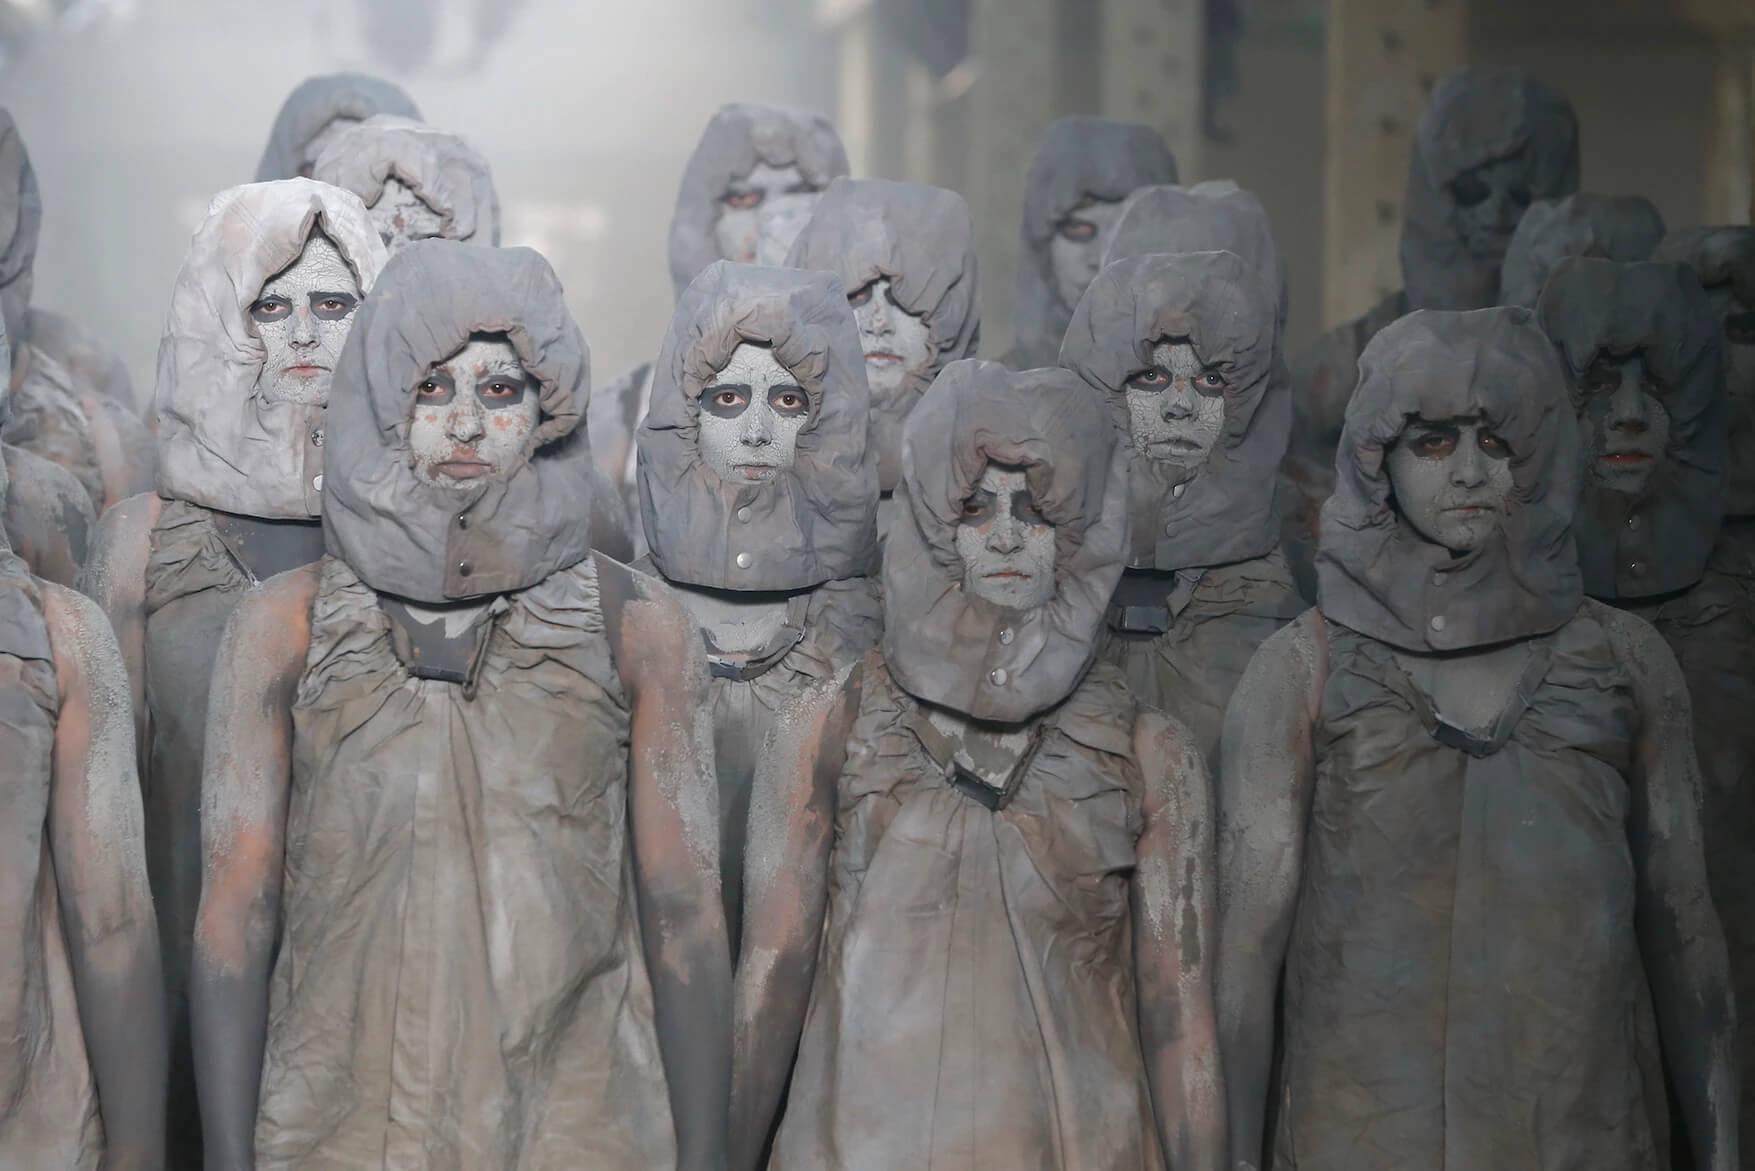 A-COLD-WALL*: La distopia apocalíptica de Samuel Ross llegó a la #LondonFashionWeek